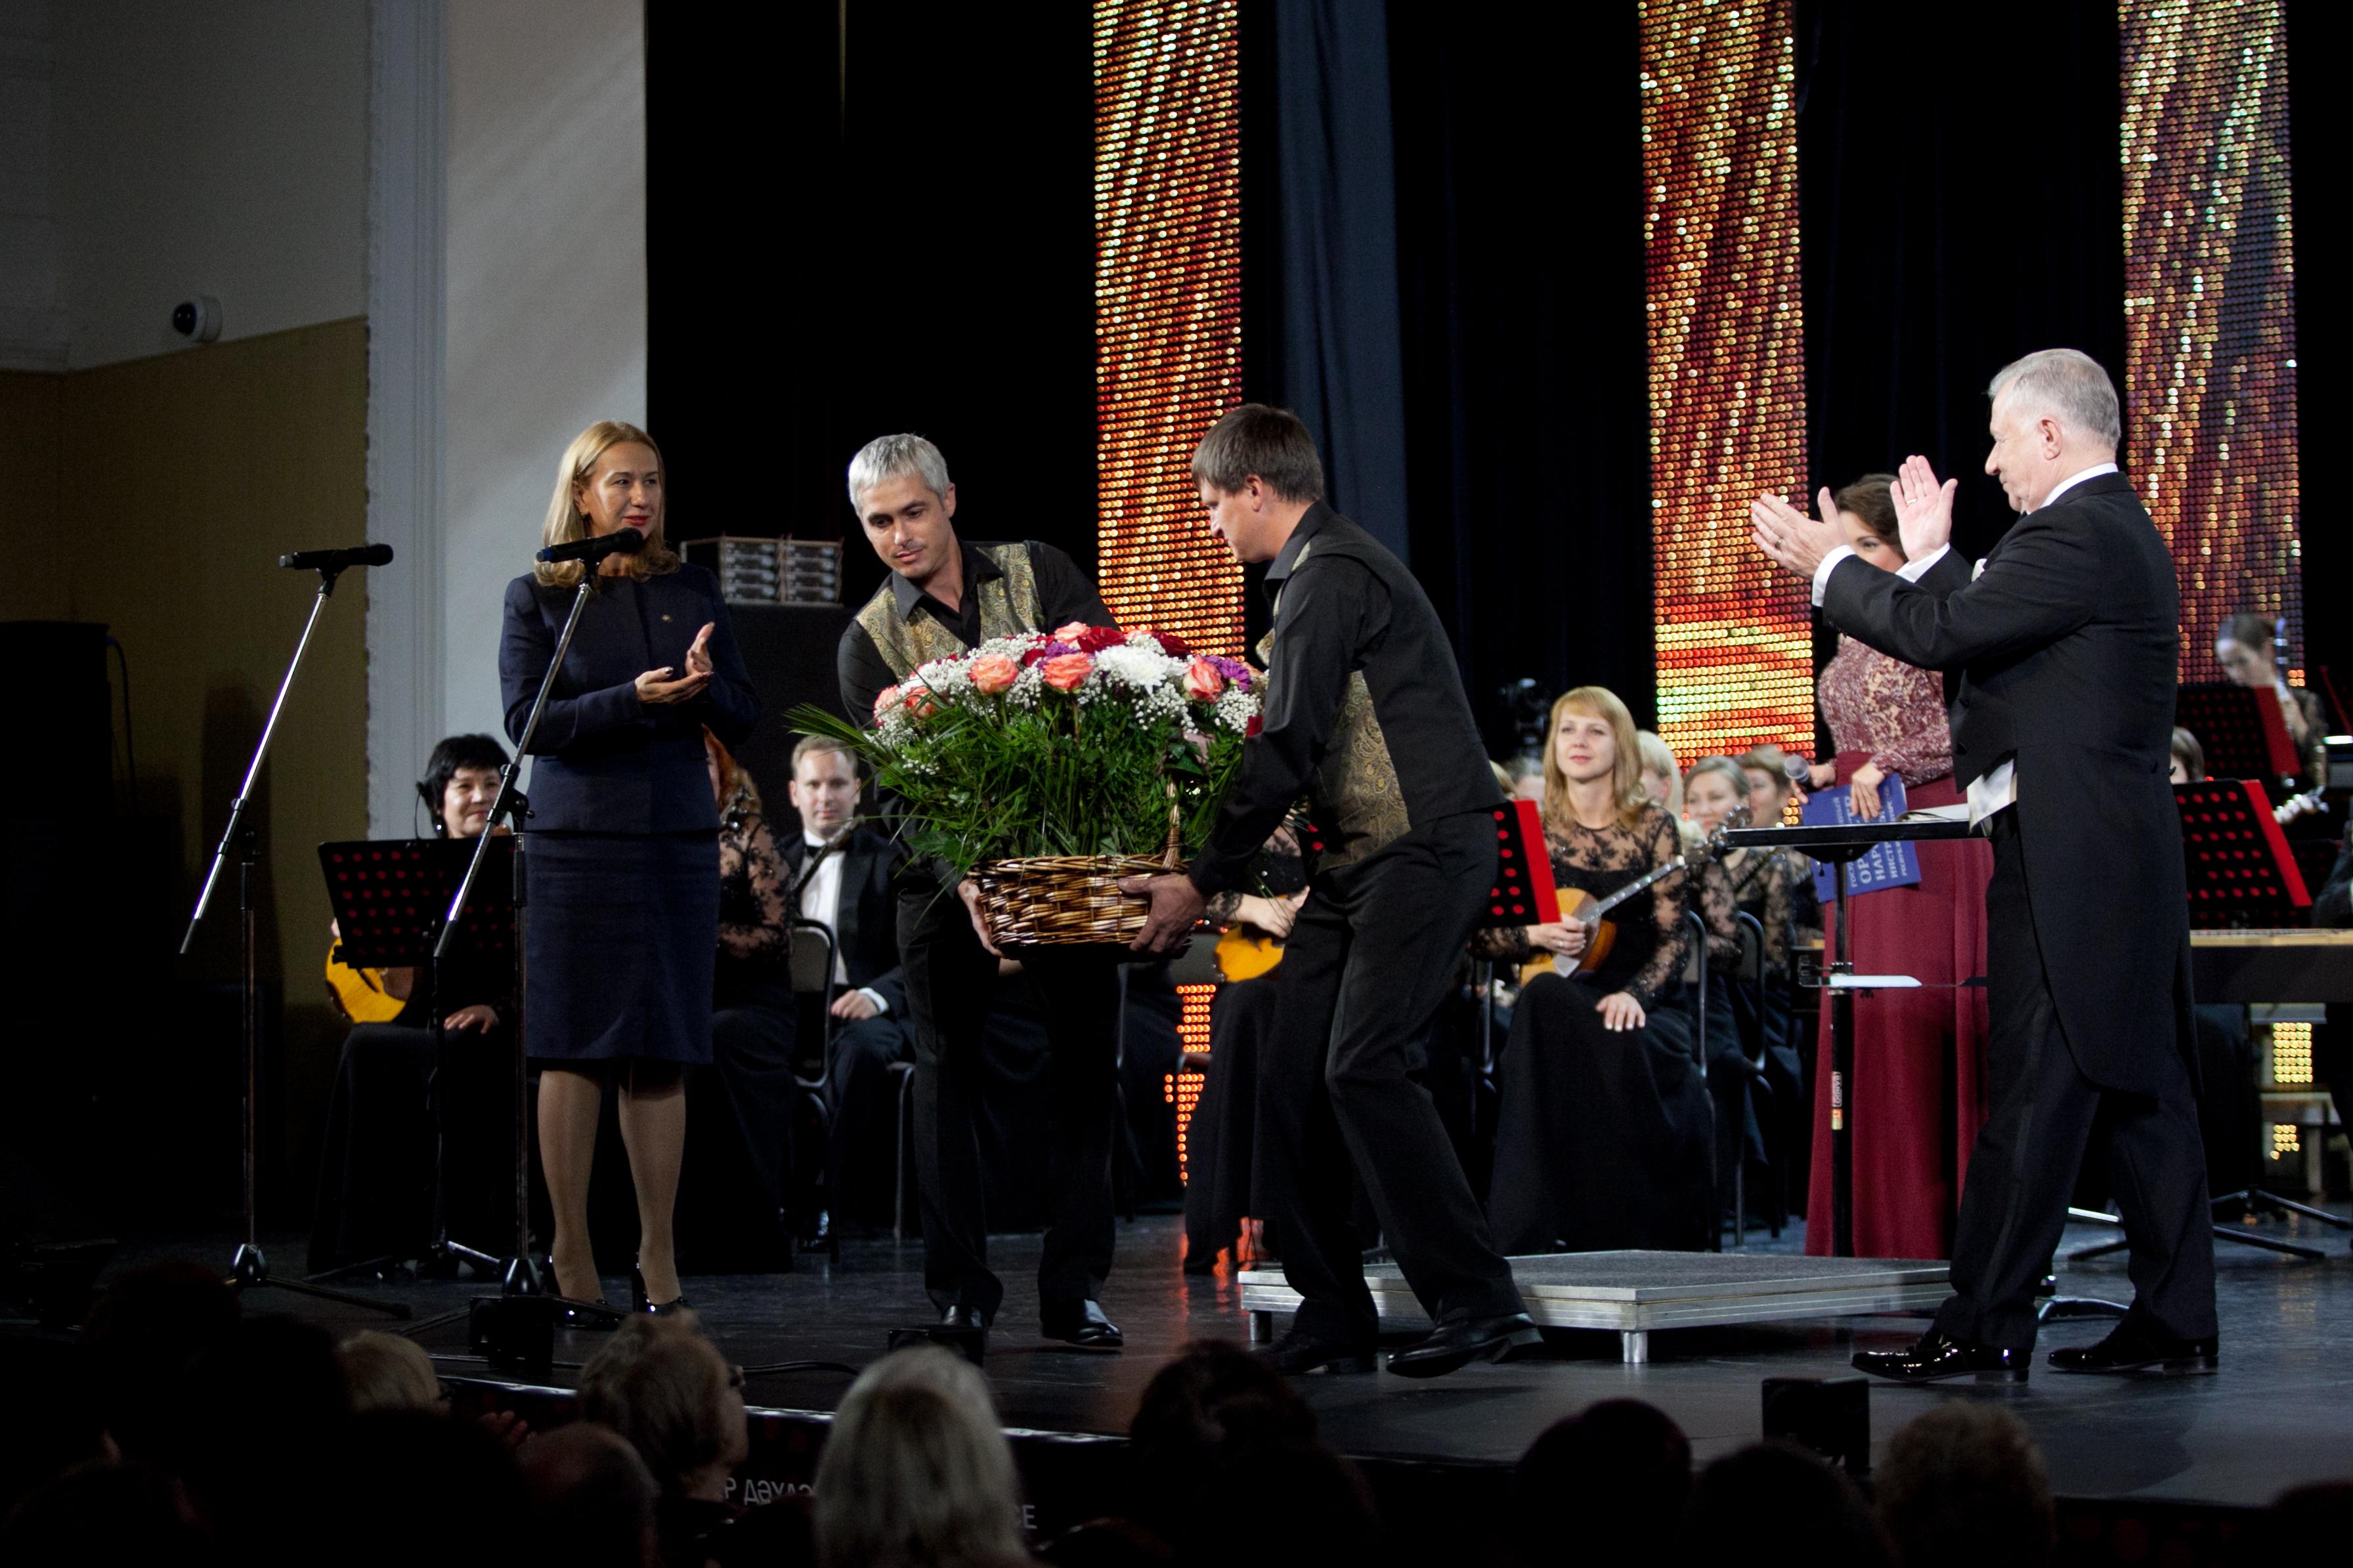 Татарская государственная филармония открыла сезон юбилейным концертом Государственного оркестра народных инструментов (ФОТО)